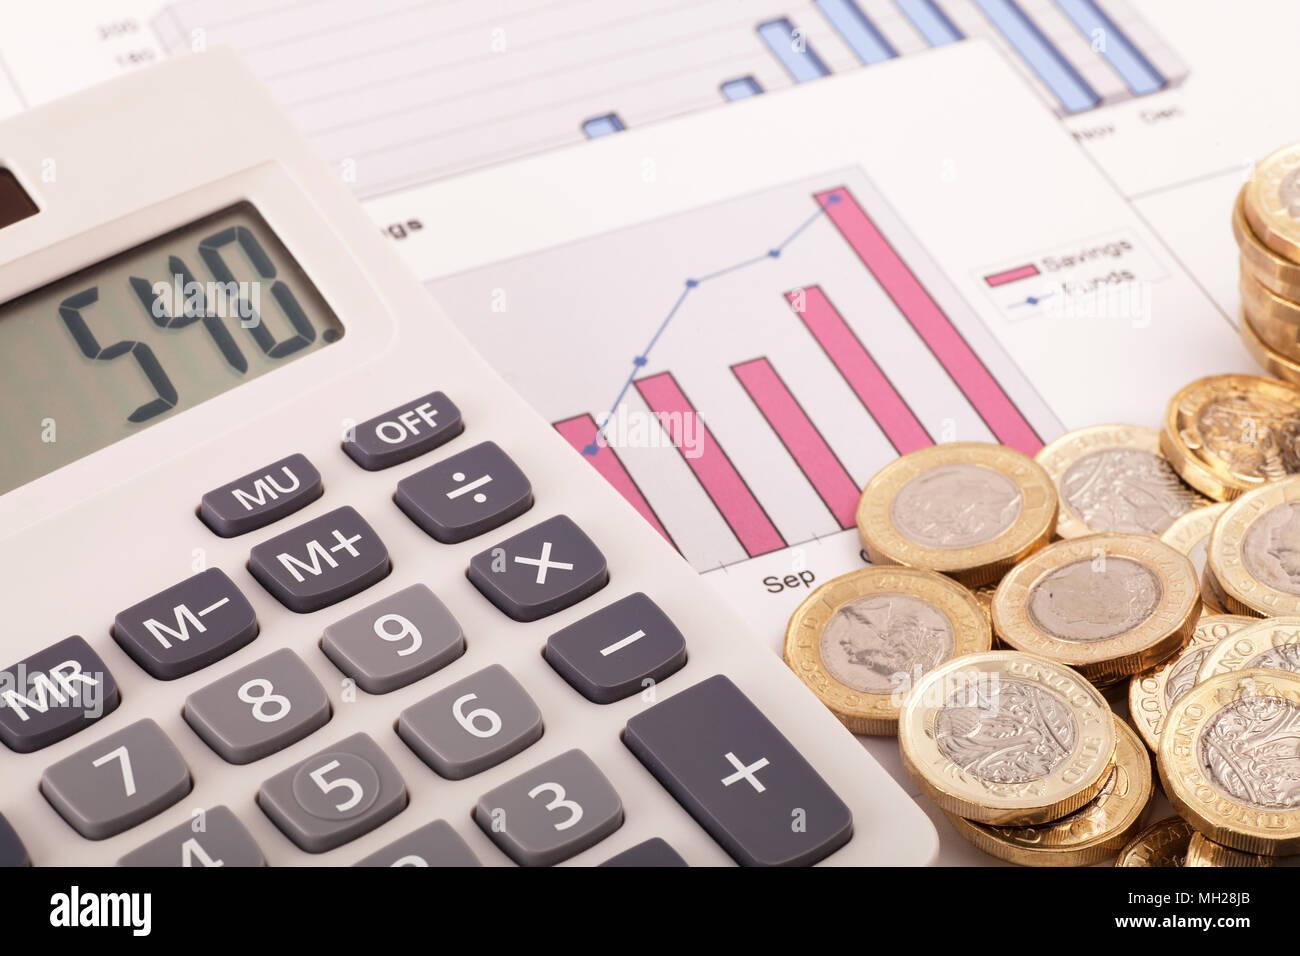 Ein Rechner sitzen auf einige Grafiken beschriftet Einsparungen und Mittel mit einigen neuen (Post 2016) Pound Münzen. Stockbild